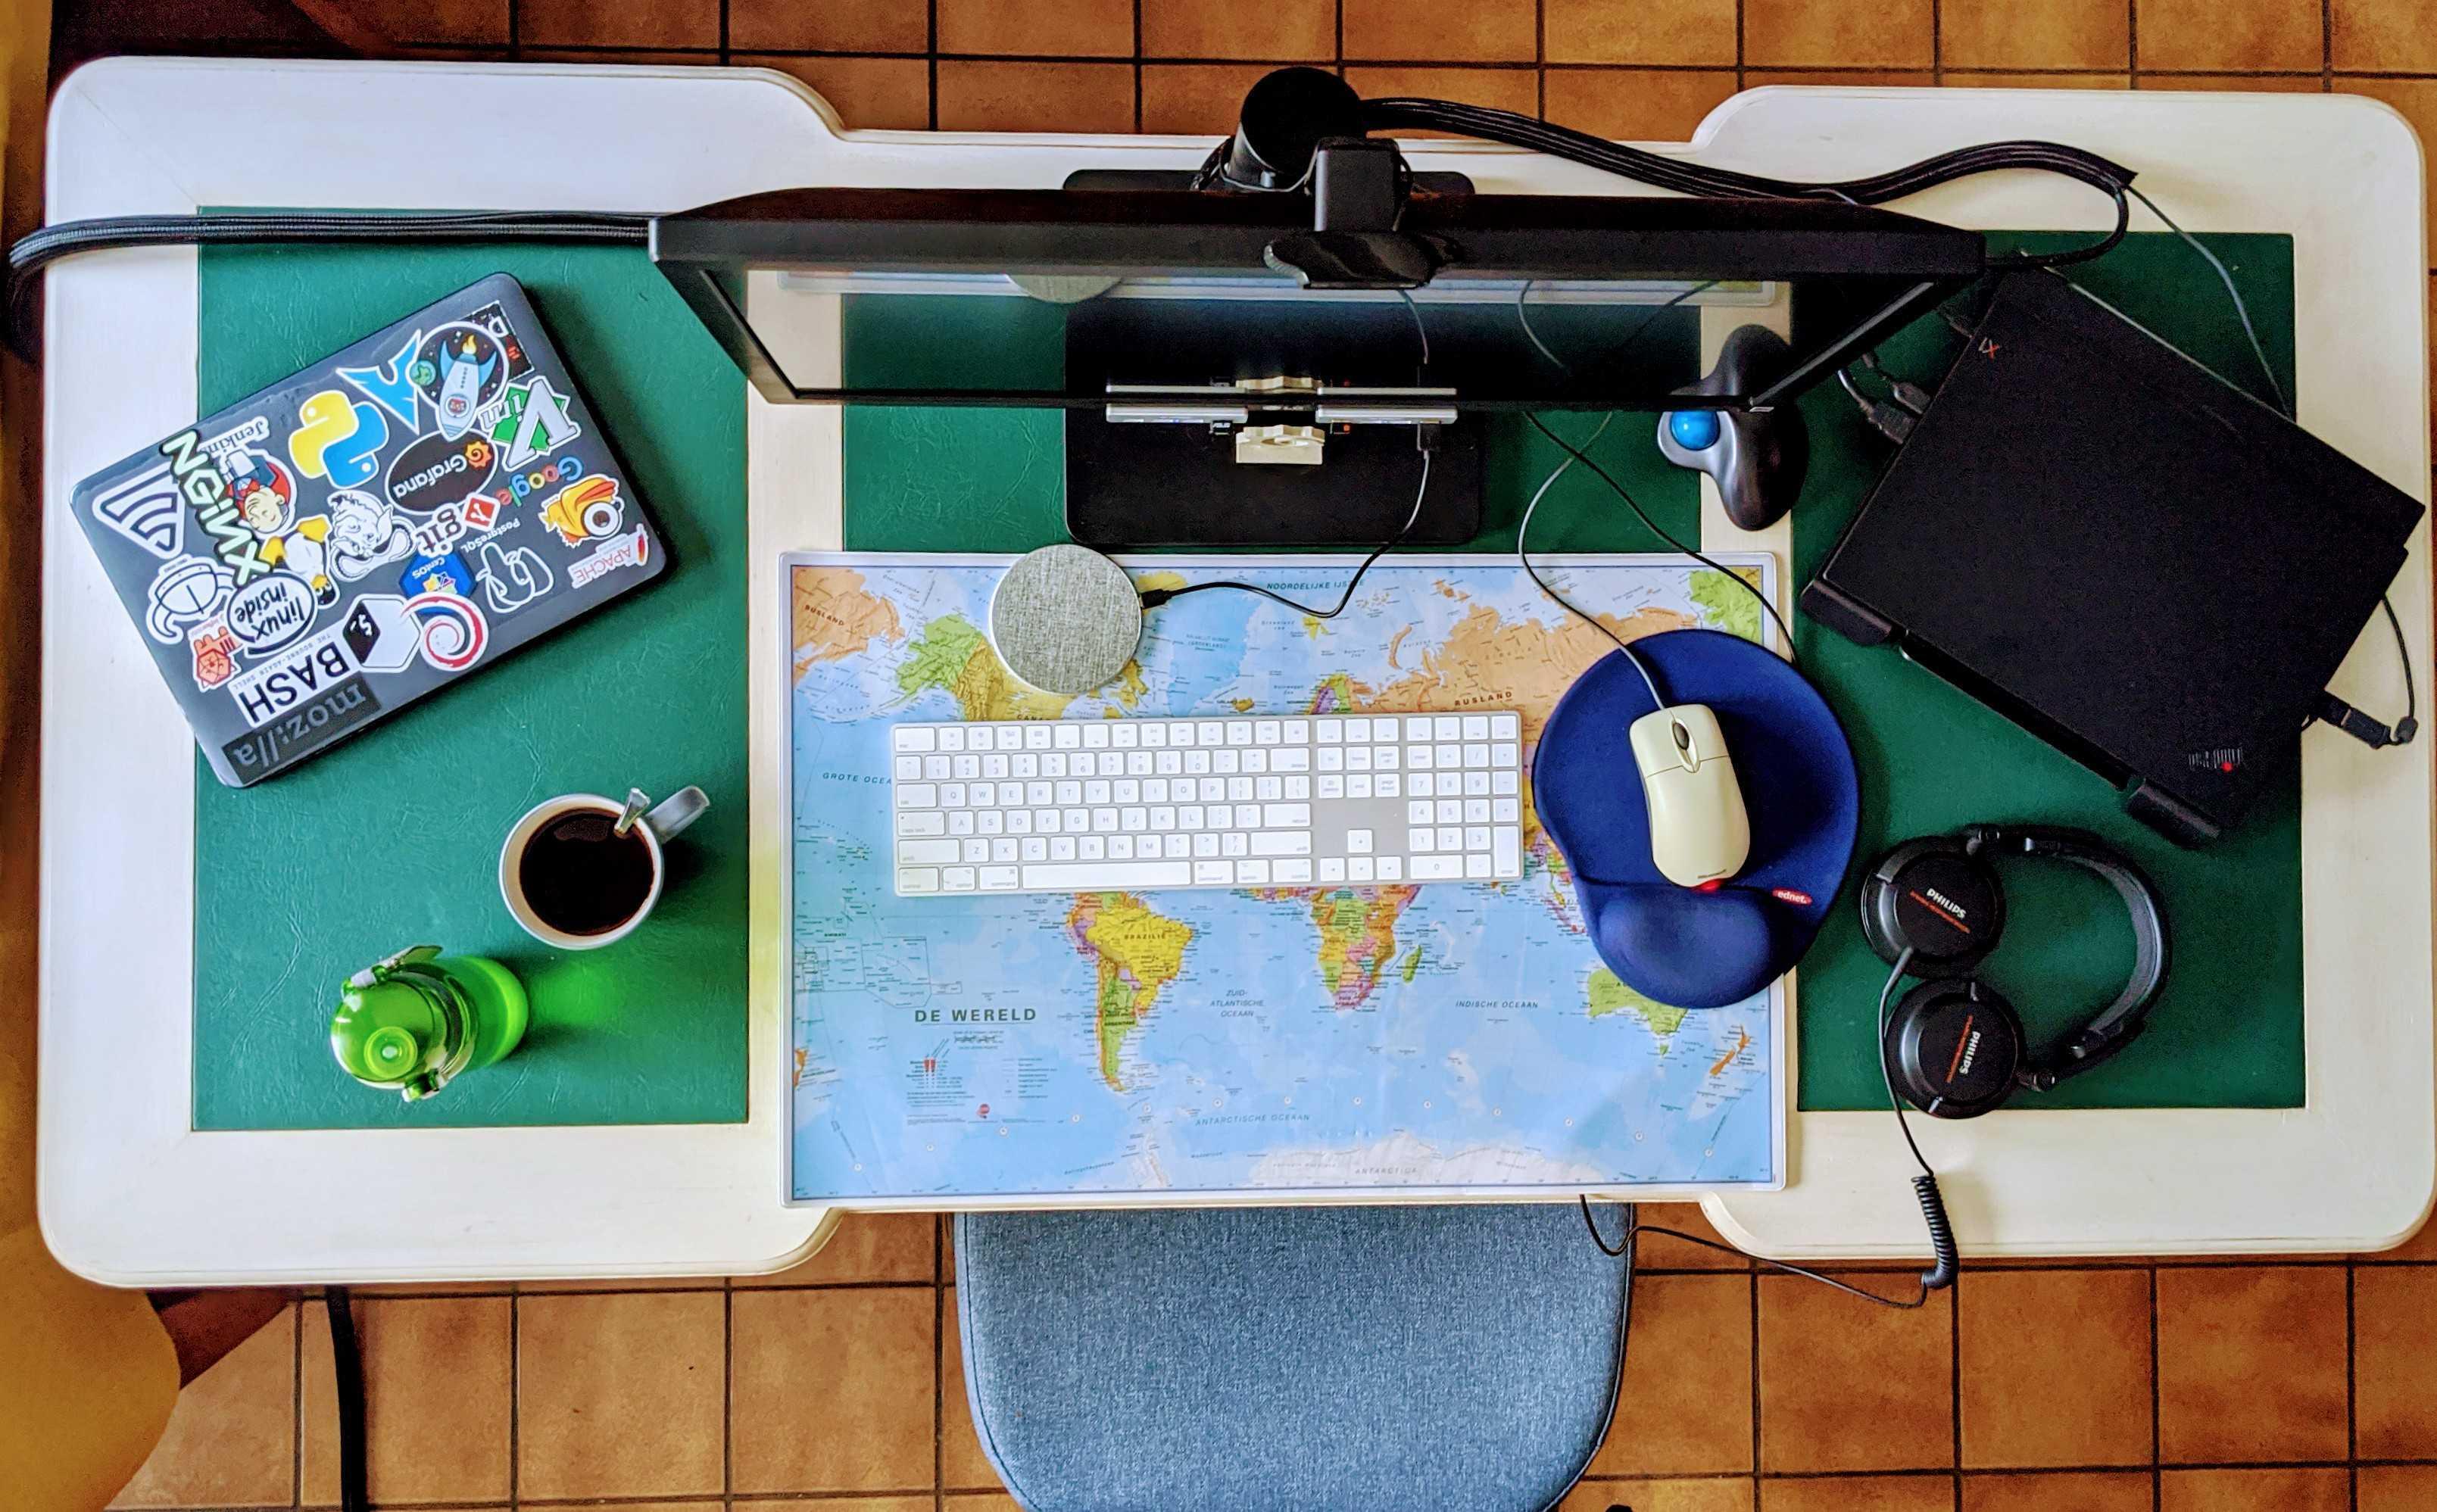 <Jeroen Op 't Eynde's workspace>